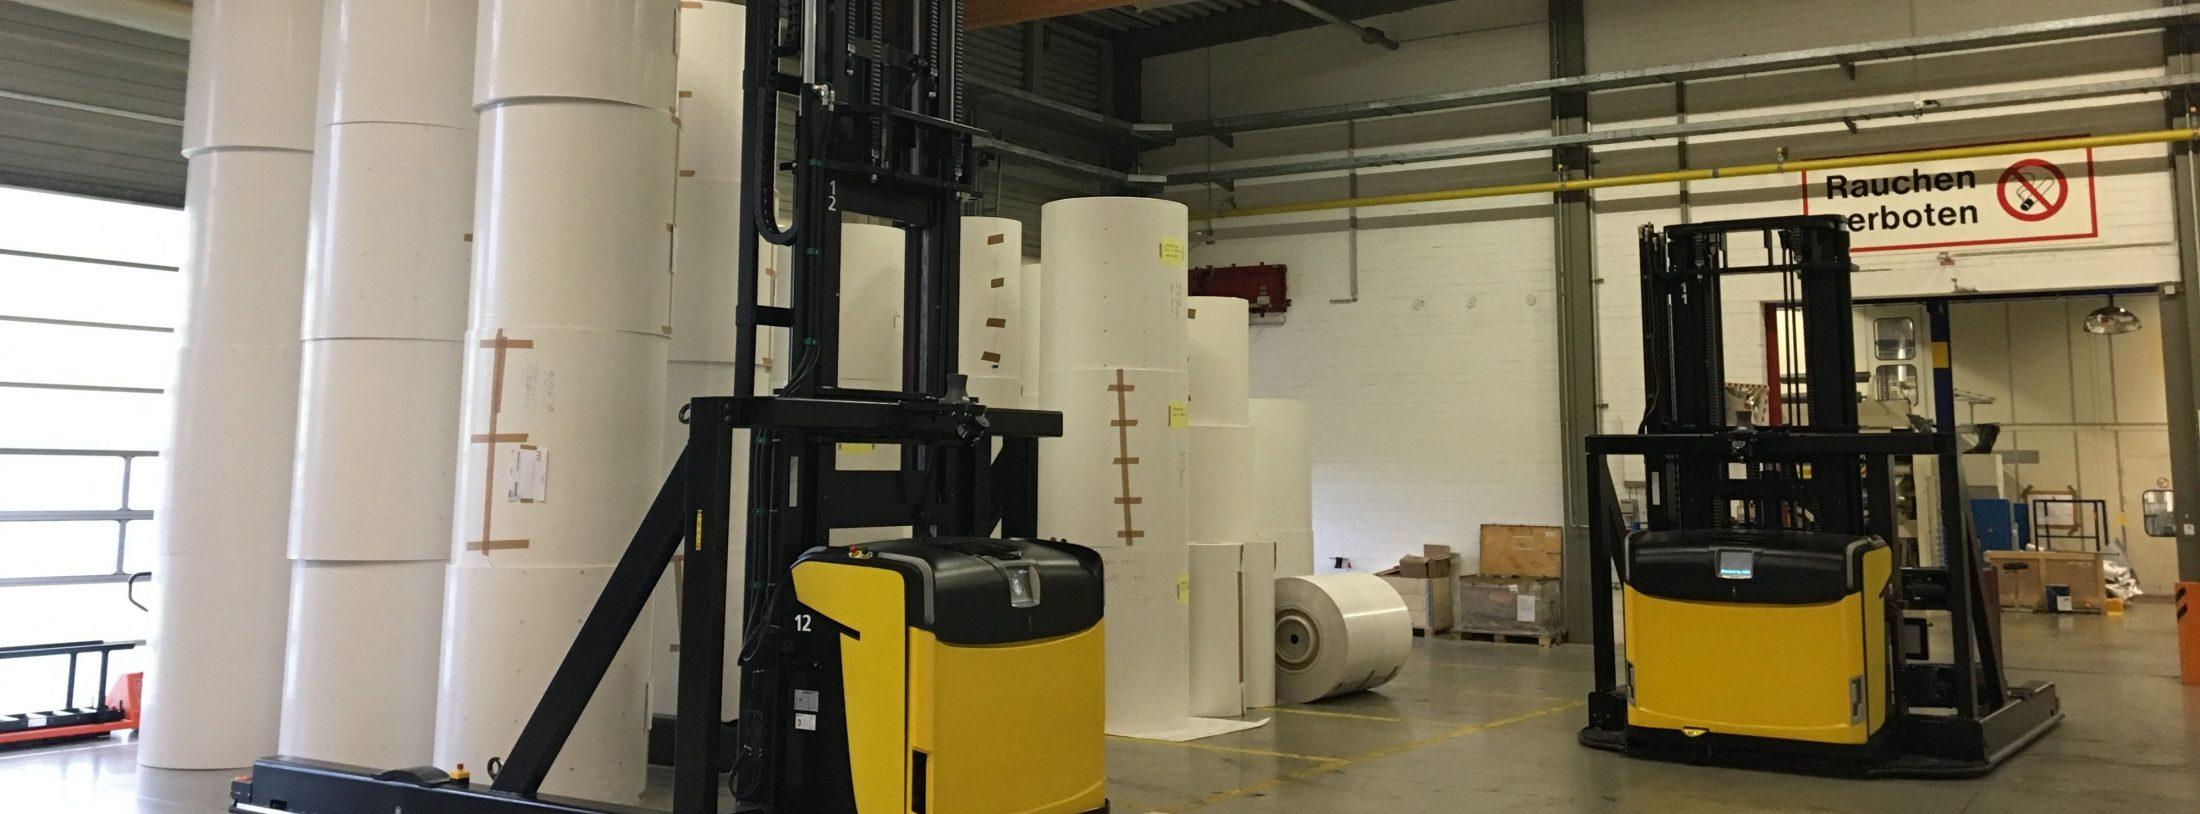 Produktionslogistik im Papierlager. Bild zeigt den Transport von Papierrollen mithilfe eines speziellen Gabelstaplers.